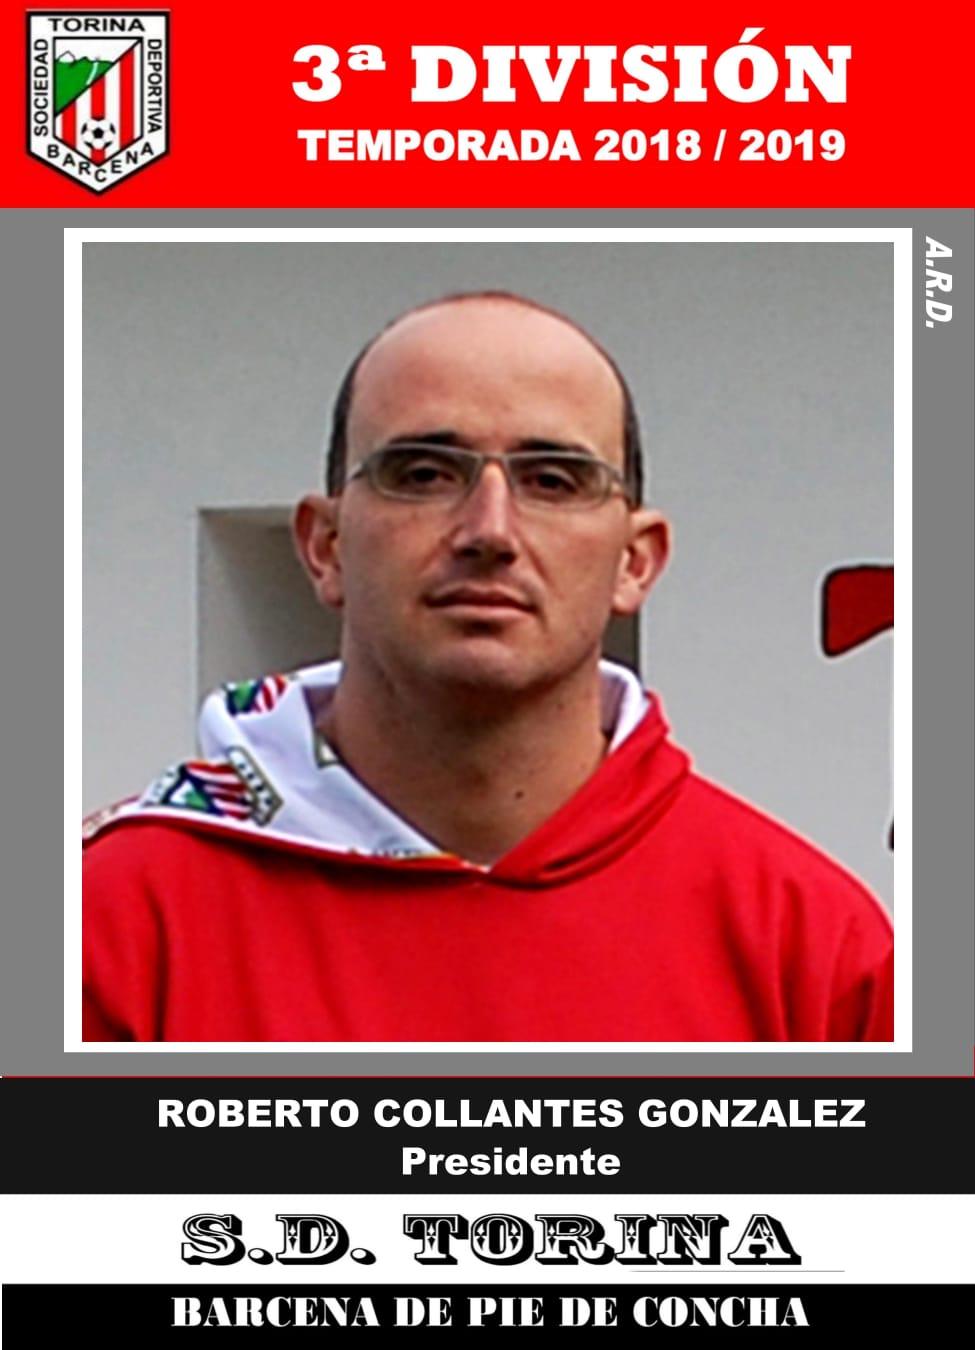 ROBERTO COLLANTES